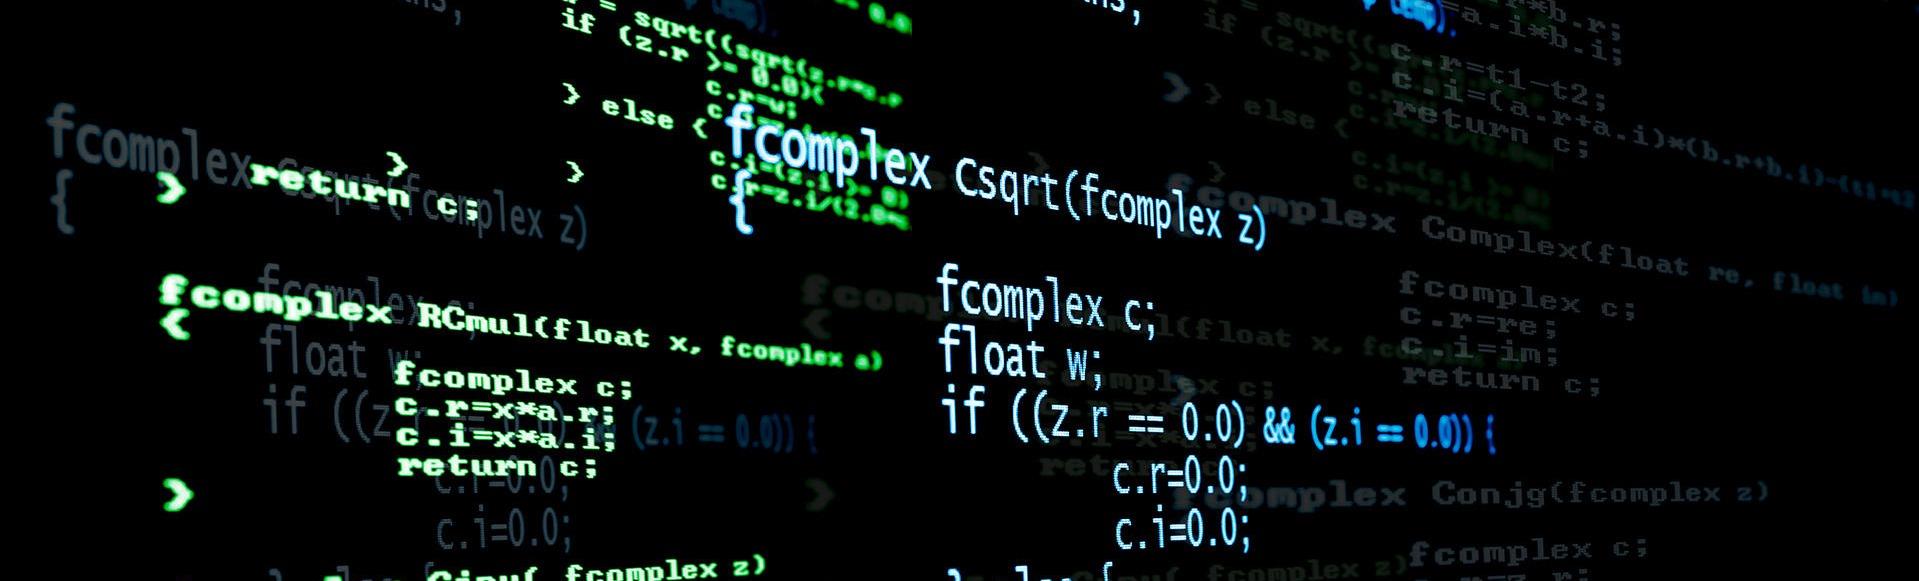 Analista Desenvolvedor Full Stack Php